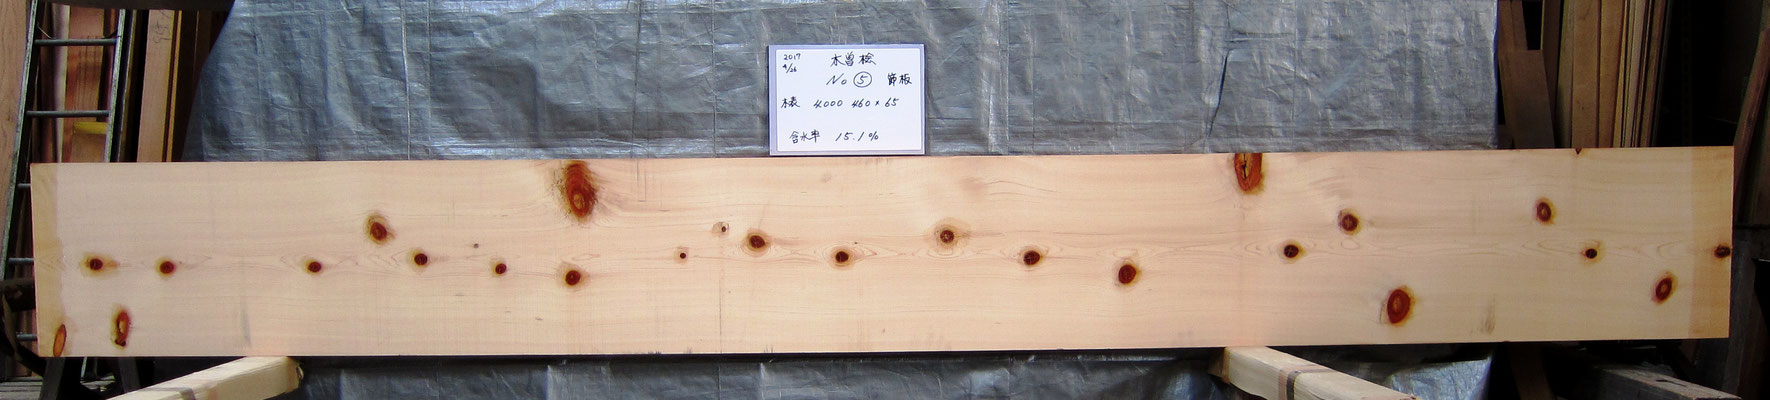 №5 木曽桧節板 木表 写真